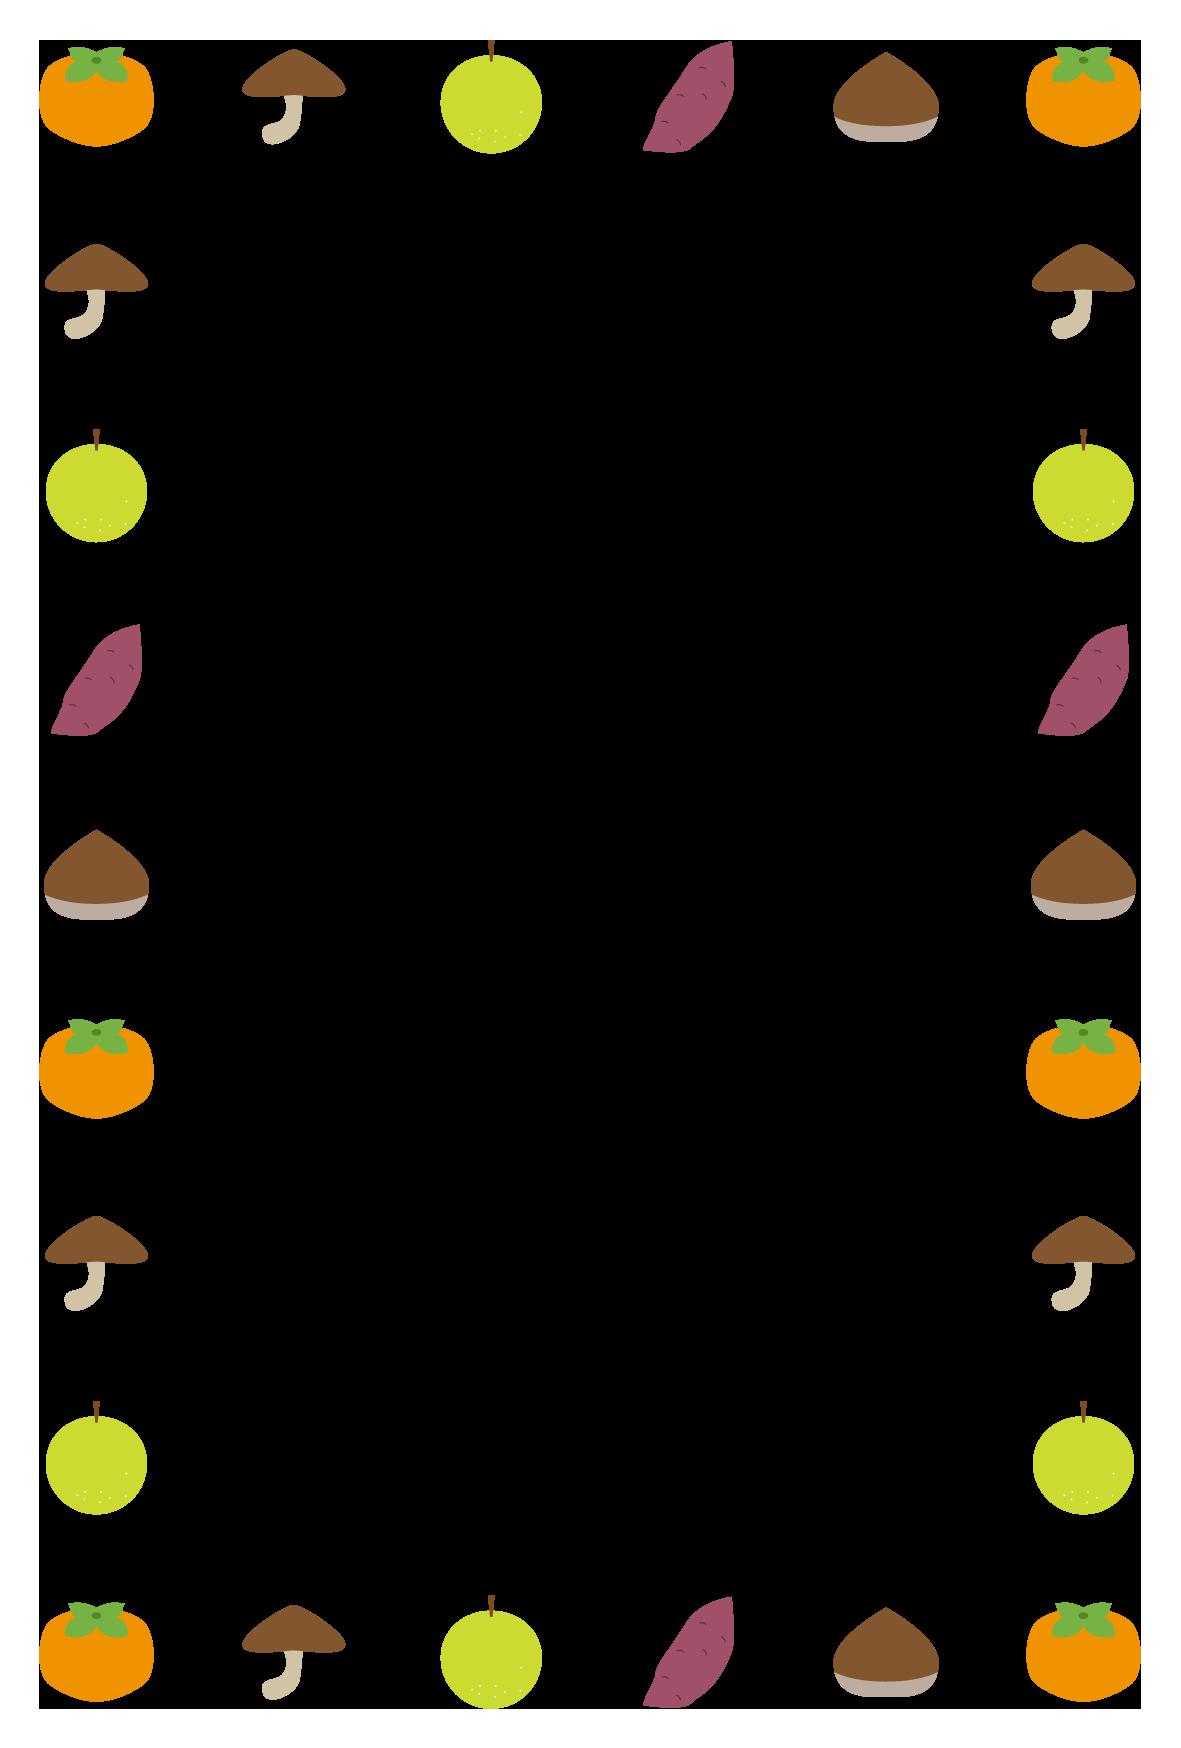 秋食材シンプル枠イラスト 縦 無料 イラストk